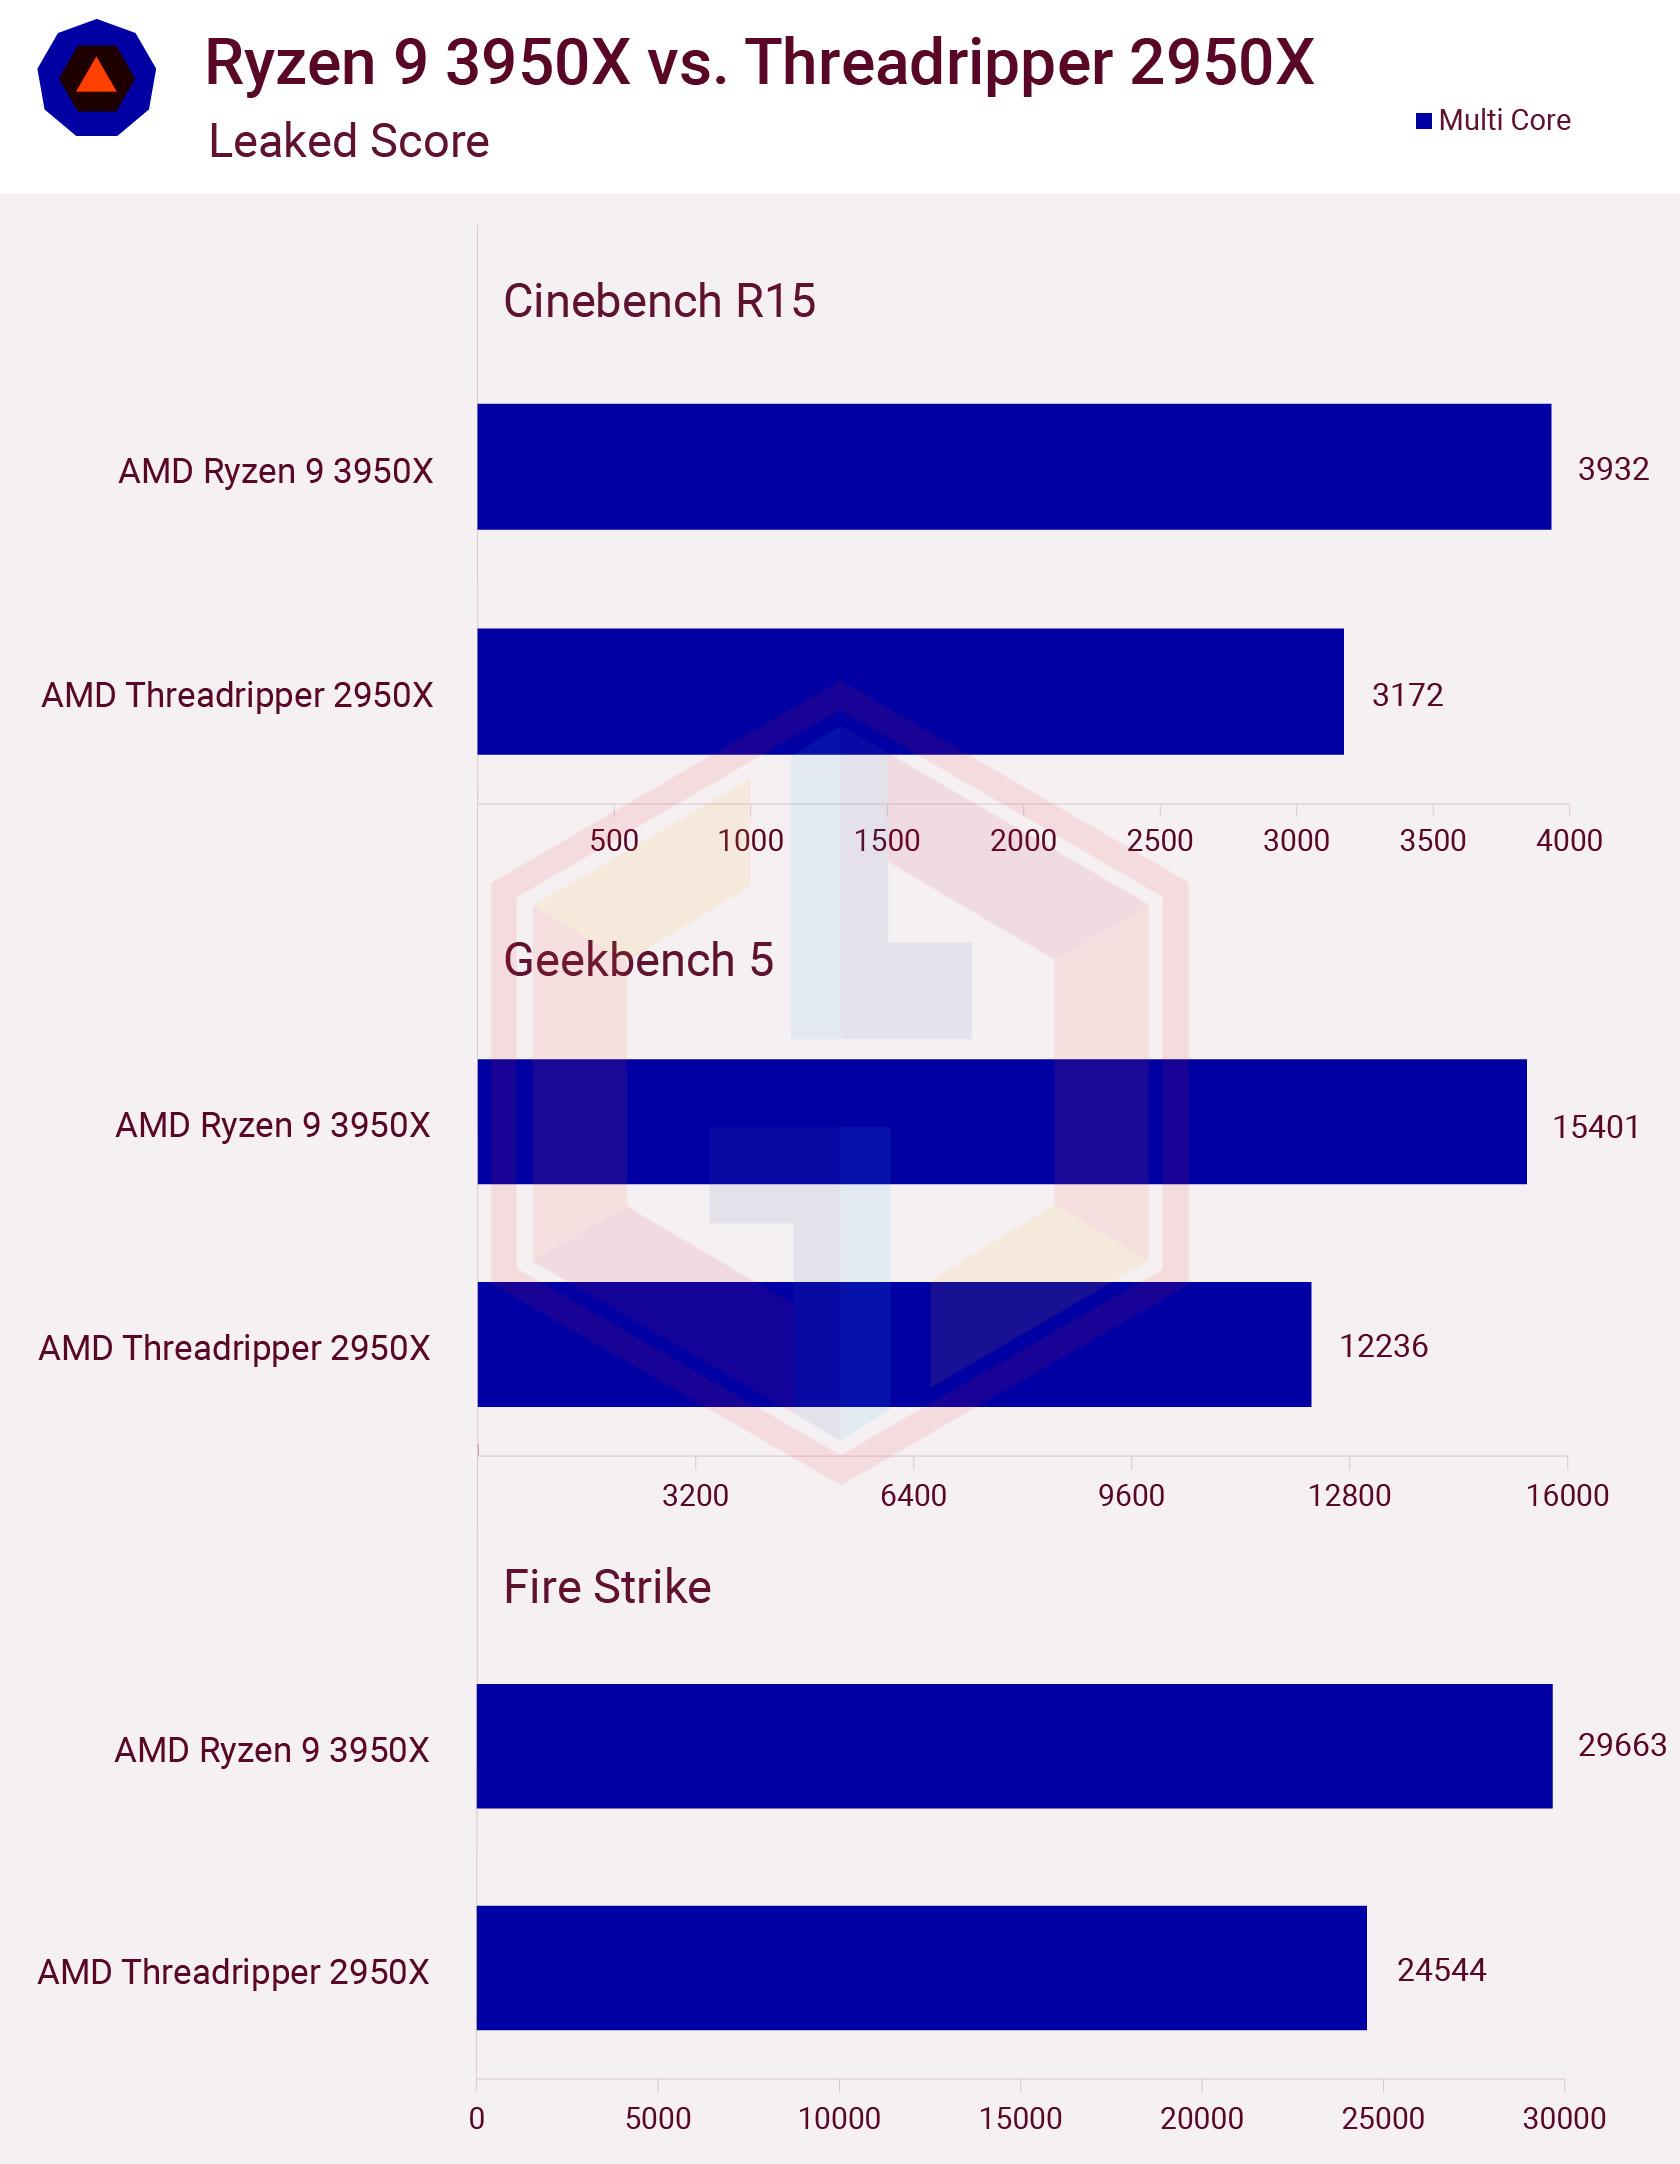 Ryzen 9 3950X vs Threadripper 2950X Score Leaked